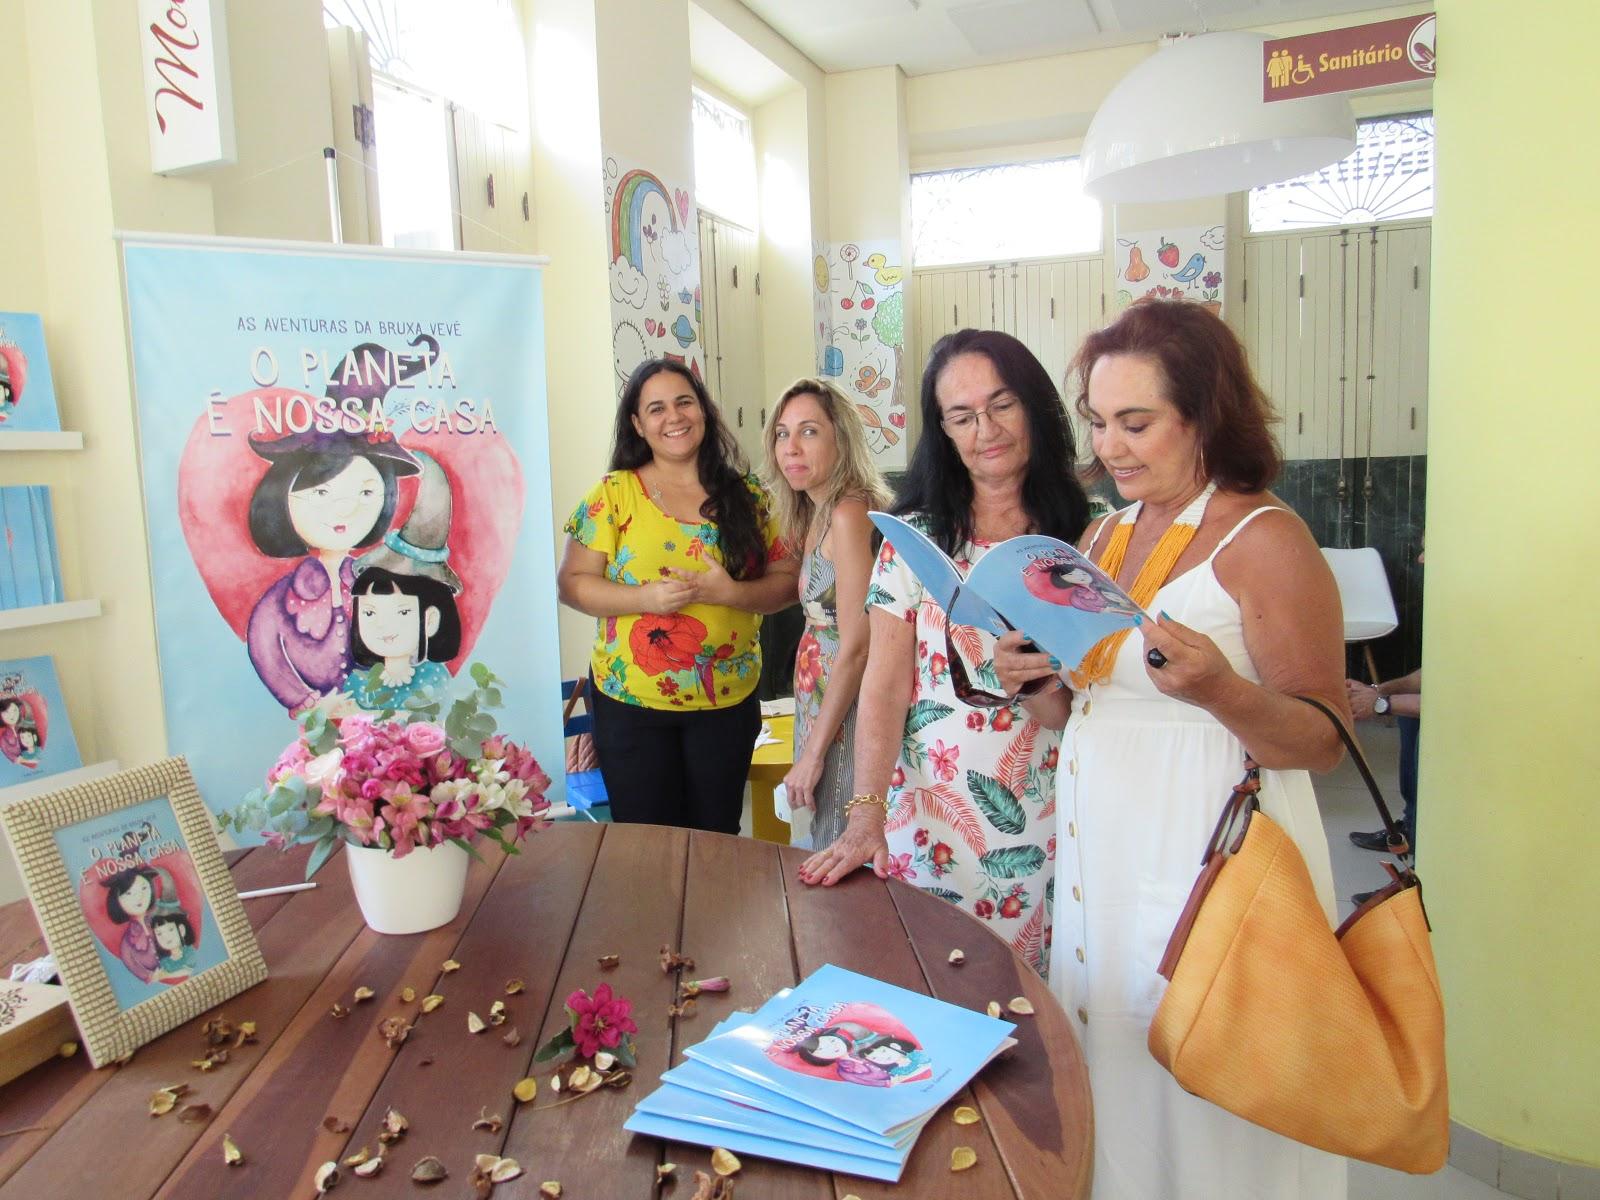 Lançamento das aventuras da bruxa Vevé com tarde de autógrafo do Rio Vermelho